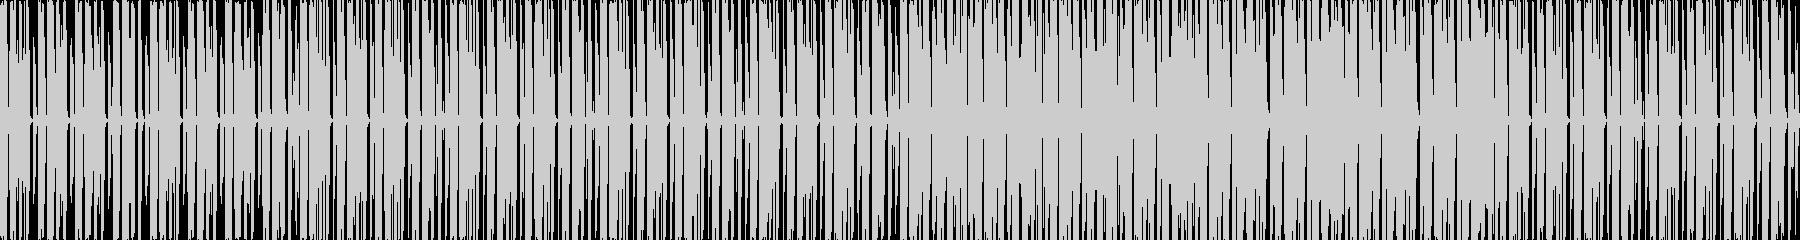 【ダンスやパーティイベント用BGM】の未再生の波形